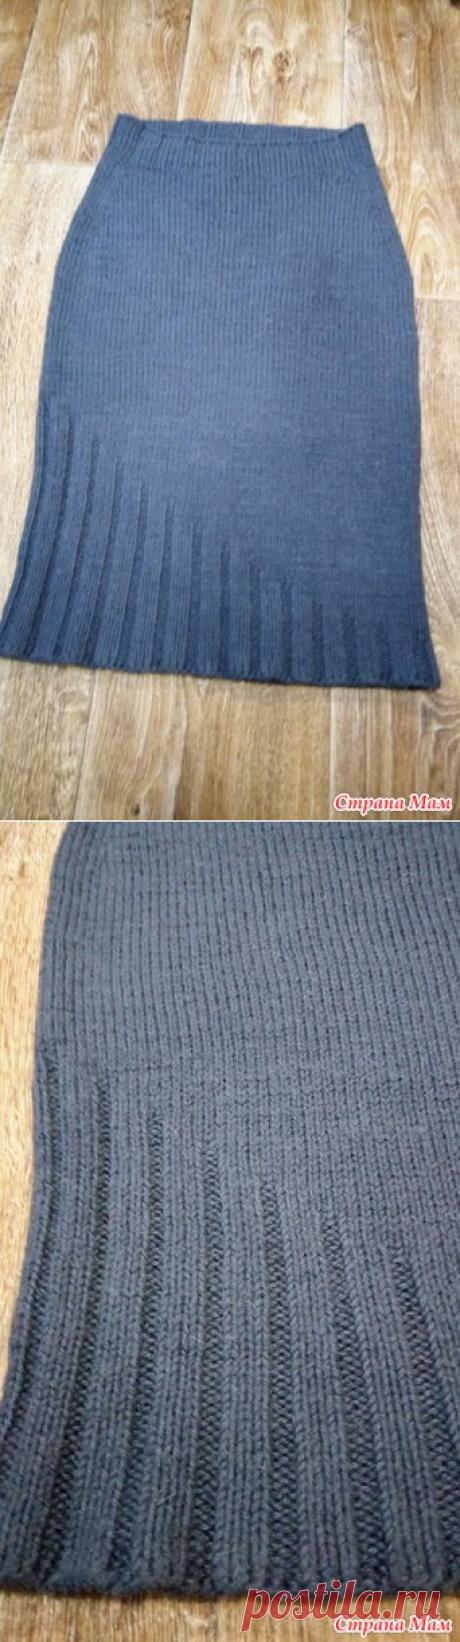 Идеальная простая юбка (спицы)